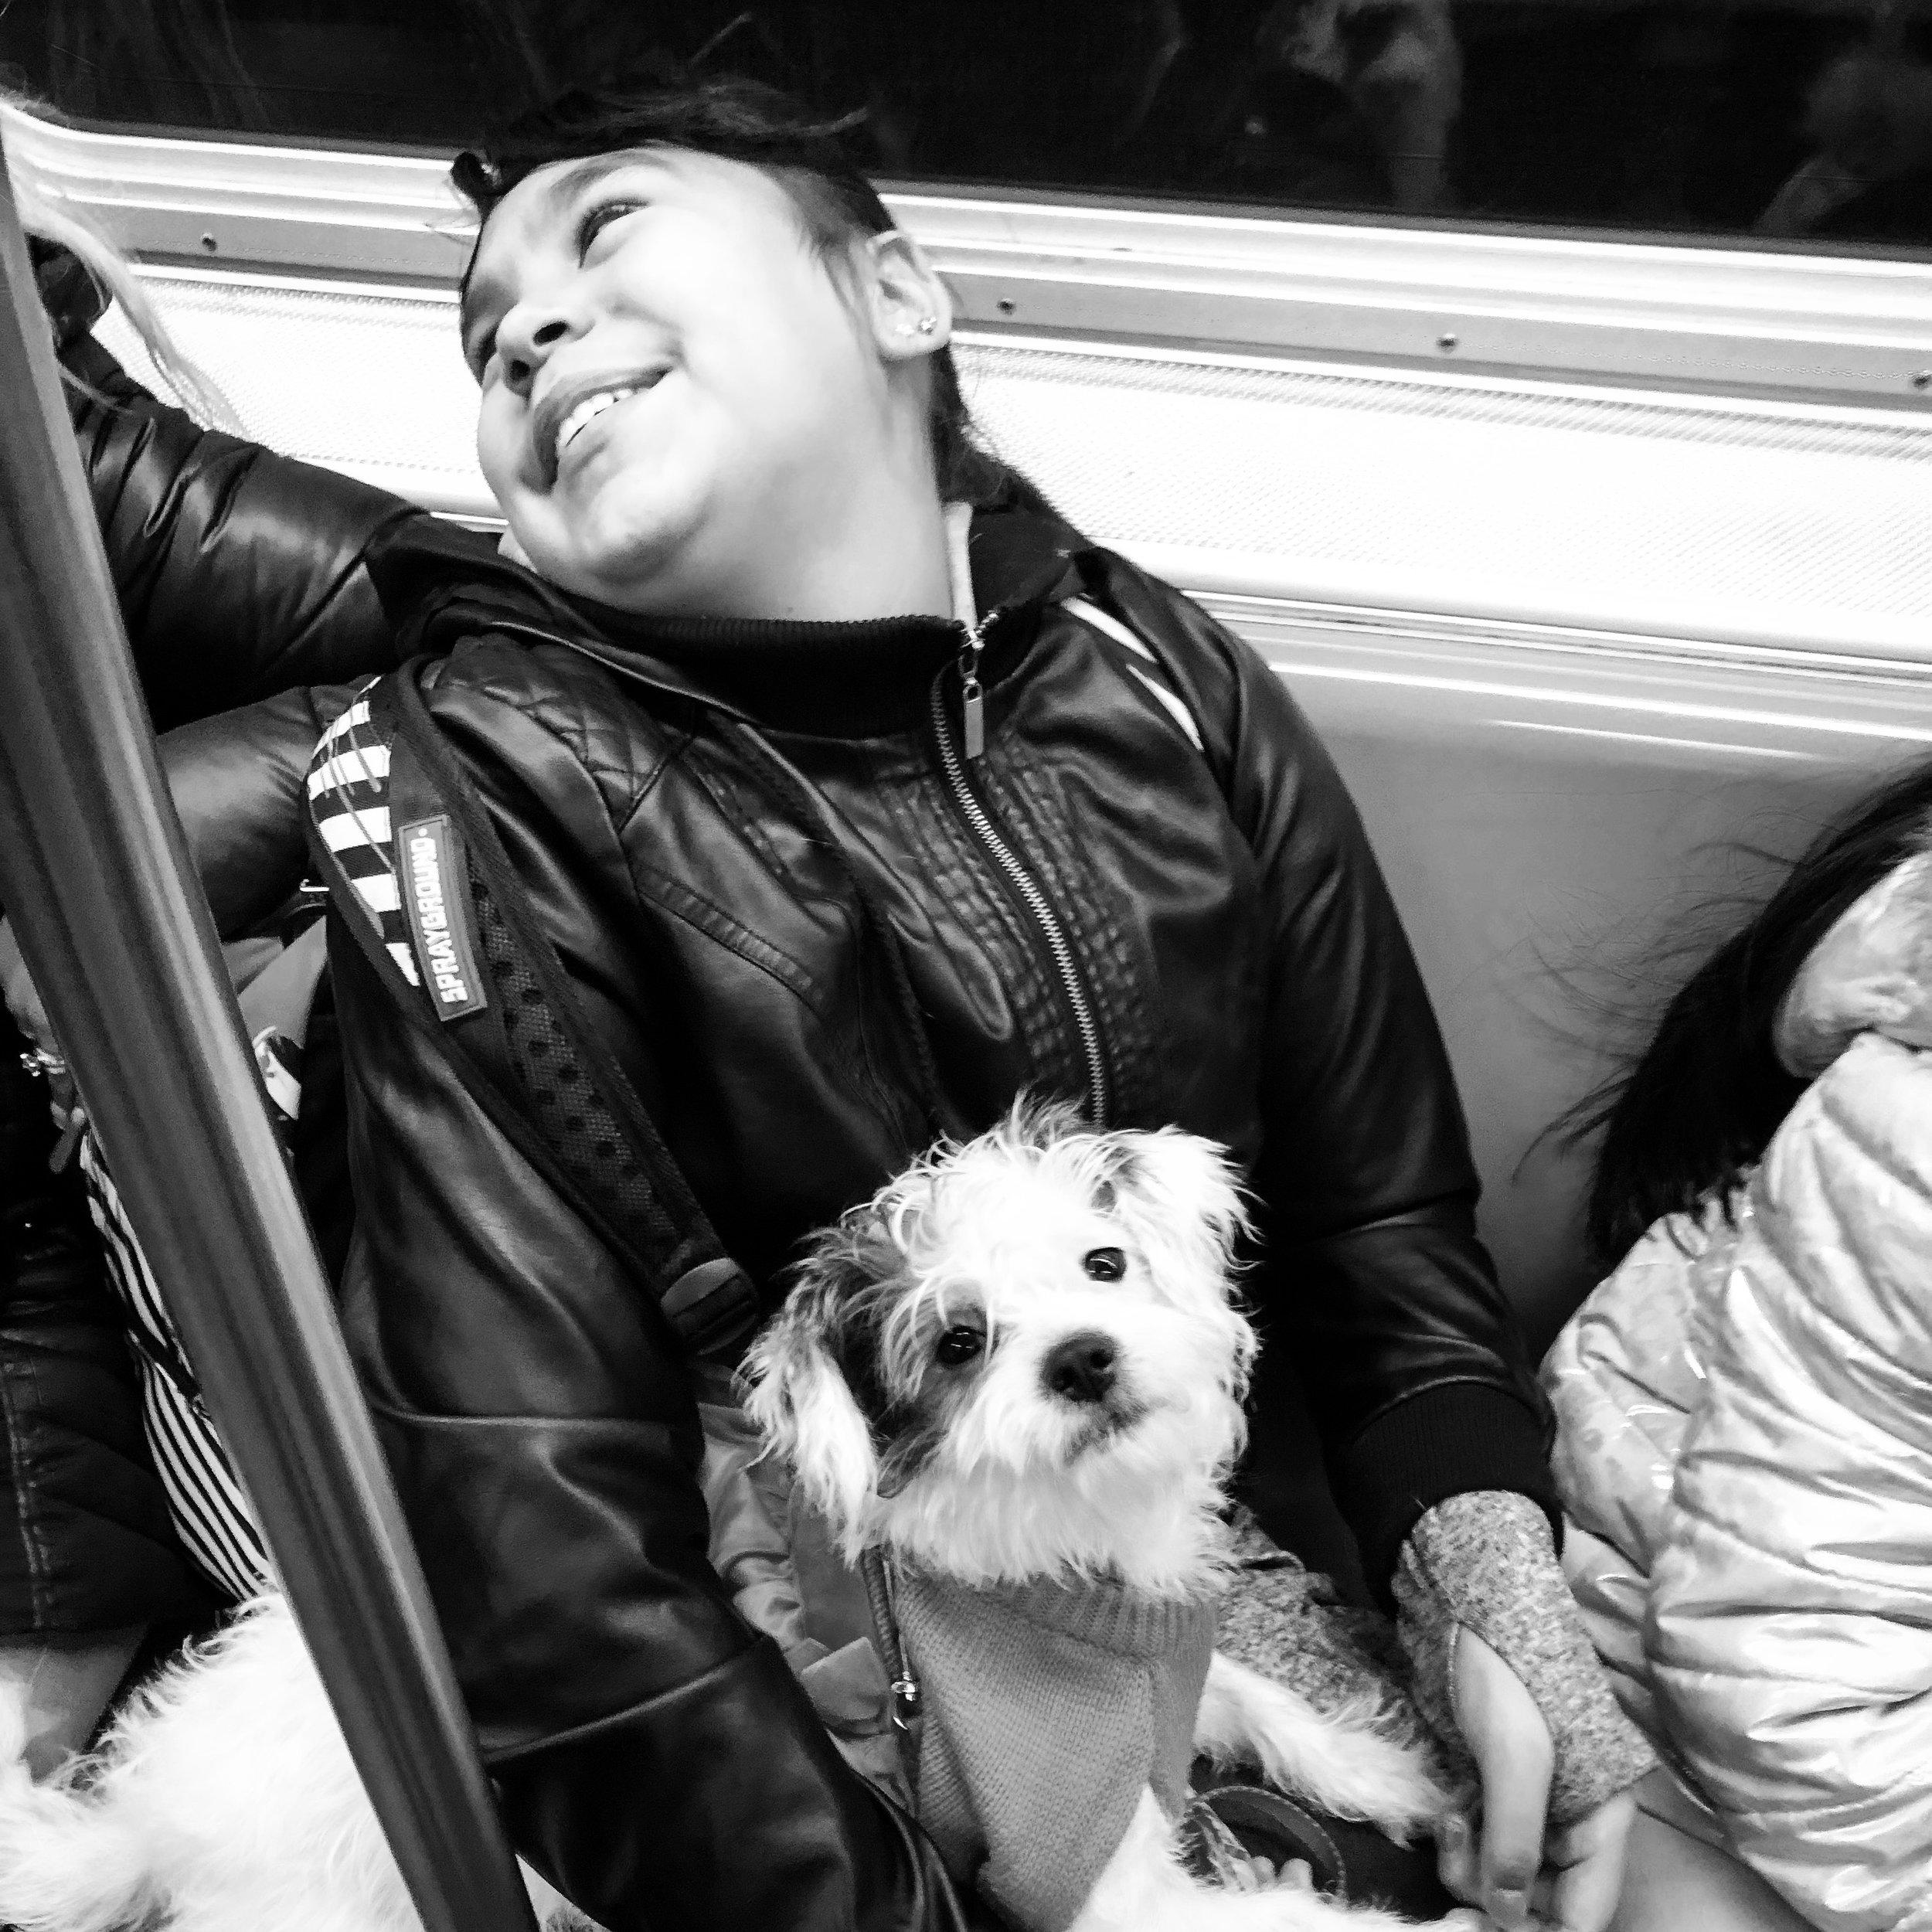 Puppy Love (Dec. 23, 2018)